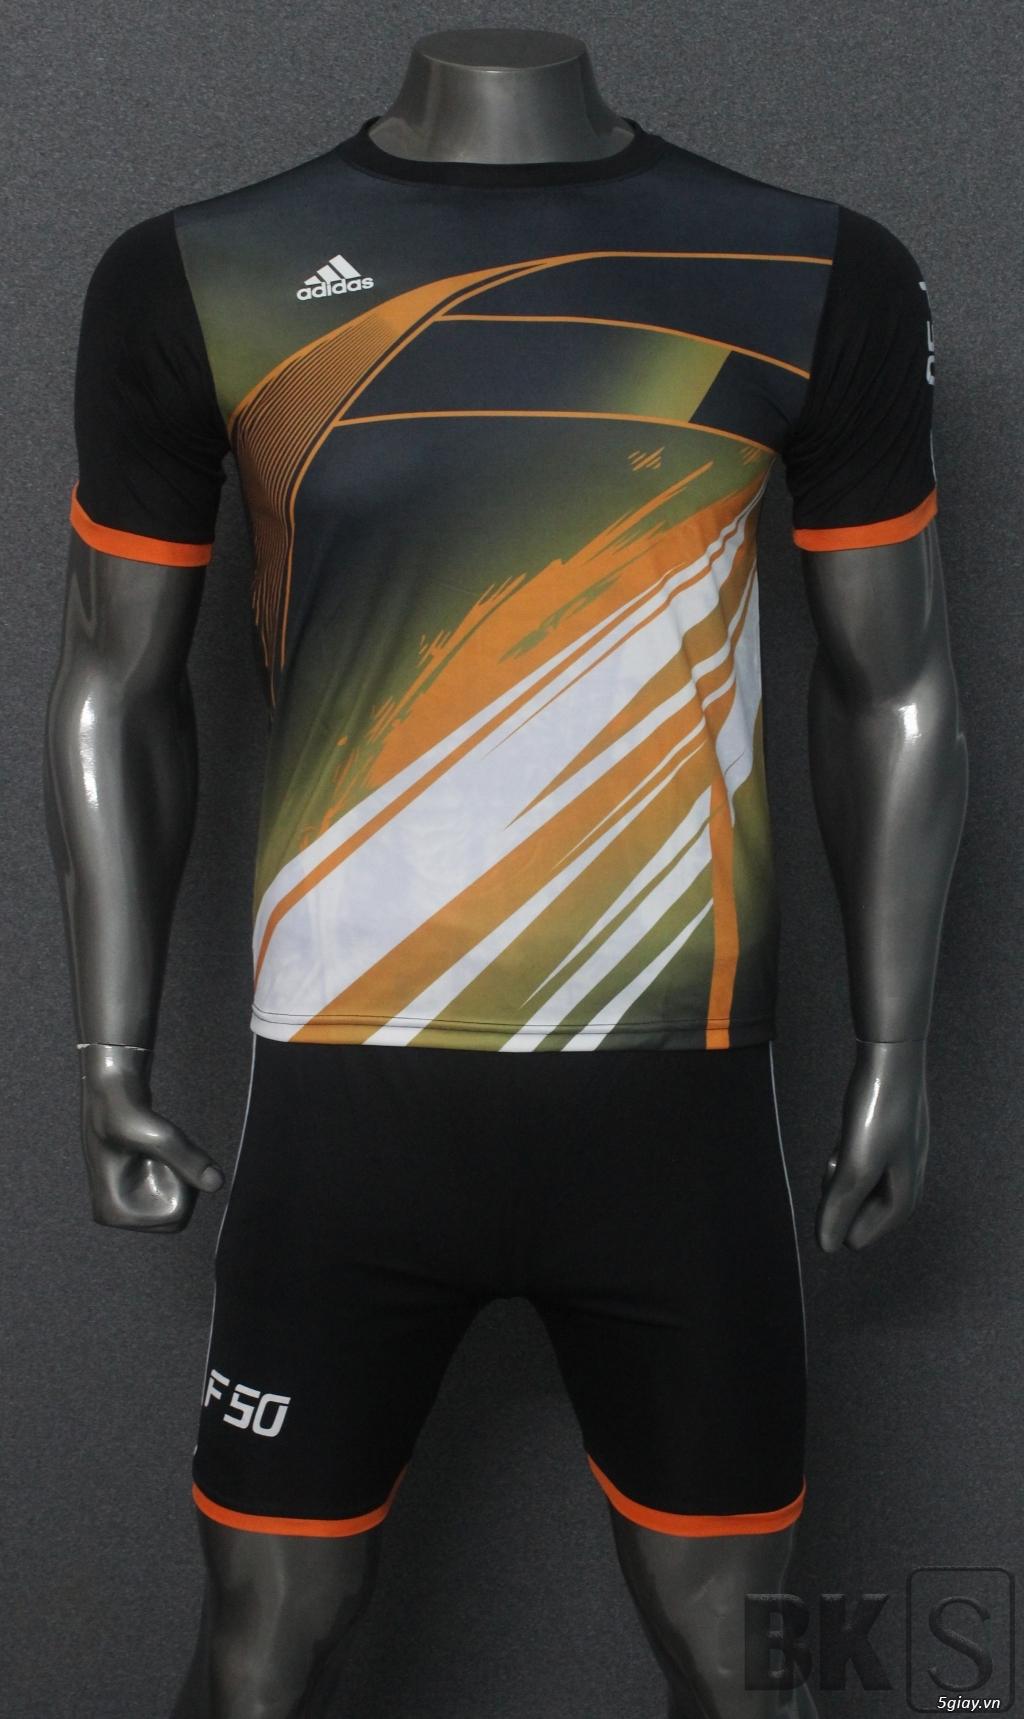 Áo bóng đá HP-địa chỉ gốc sản xuất trang phục thể thao số 1 Việt Nam - 23